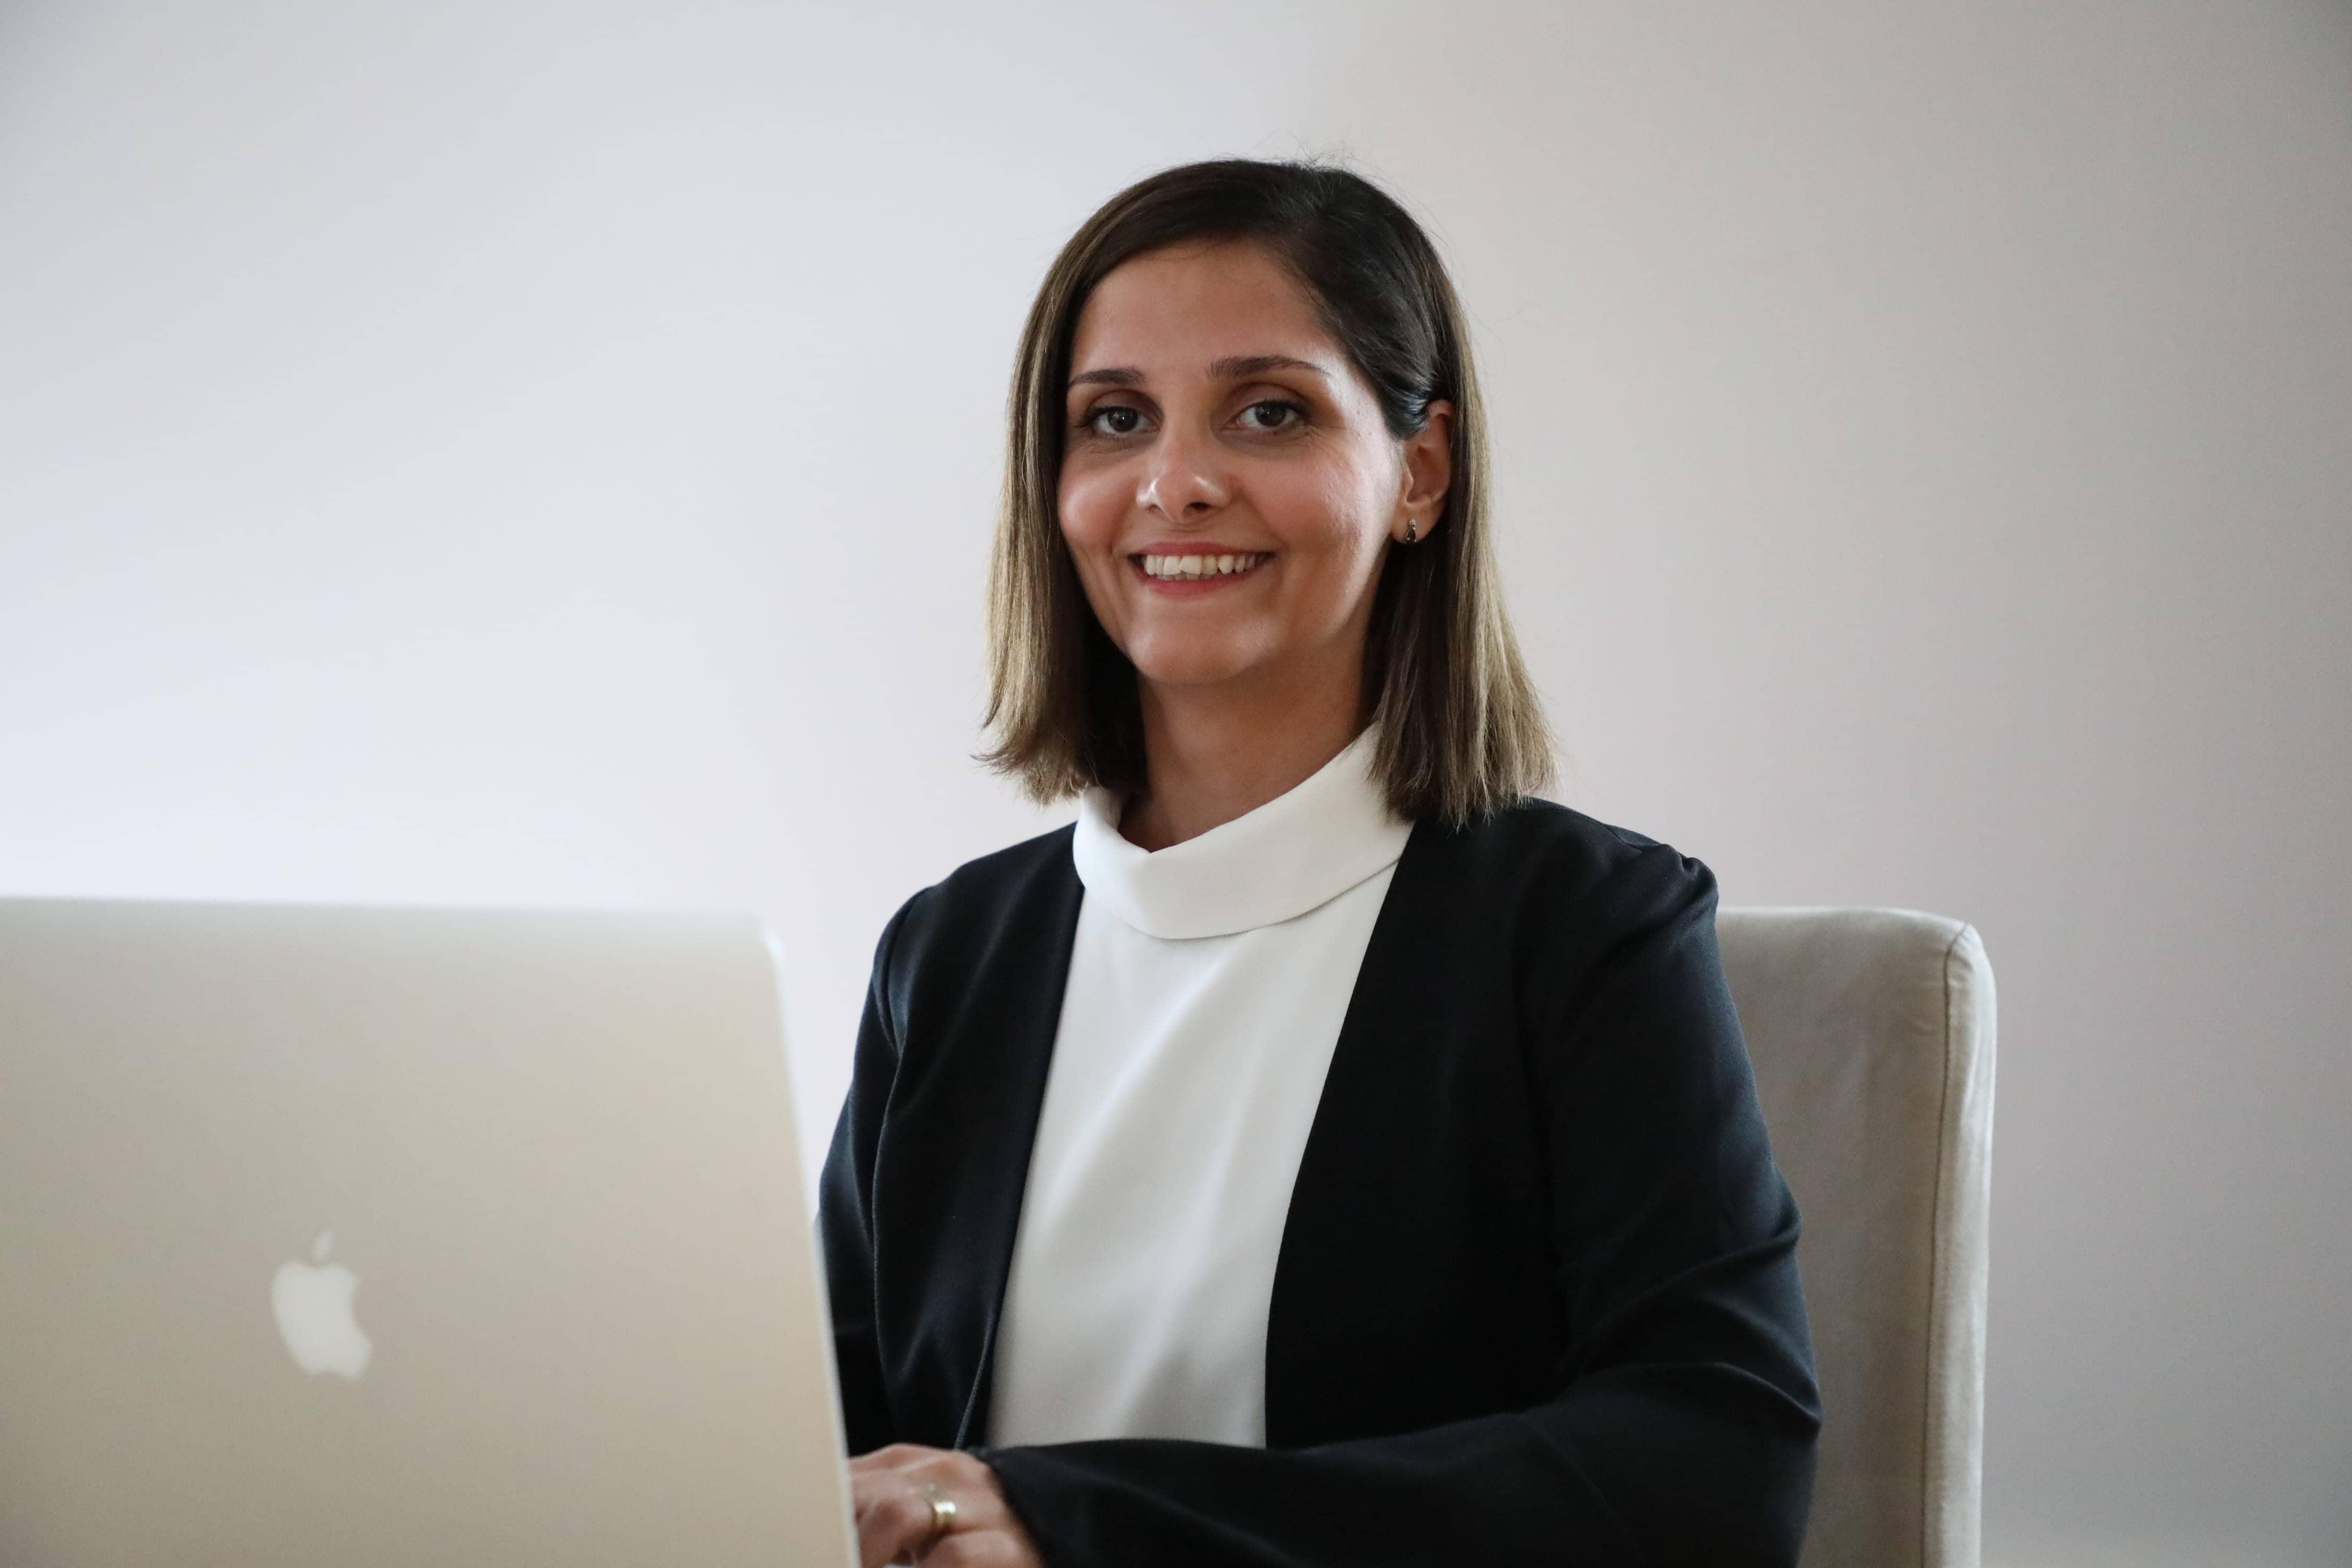 Alaleh Fadai